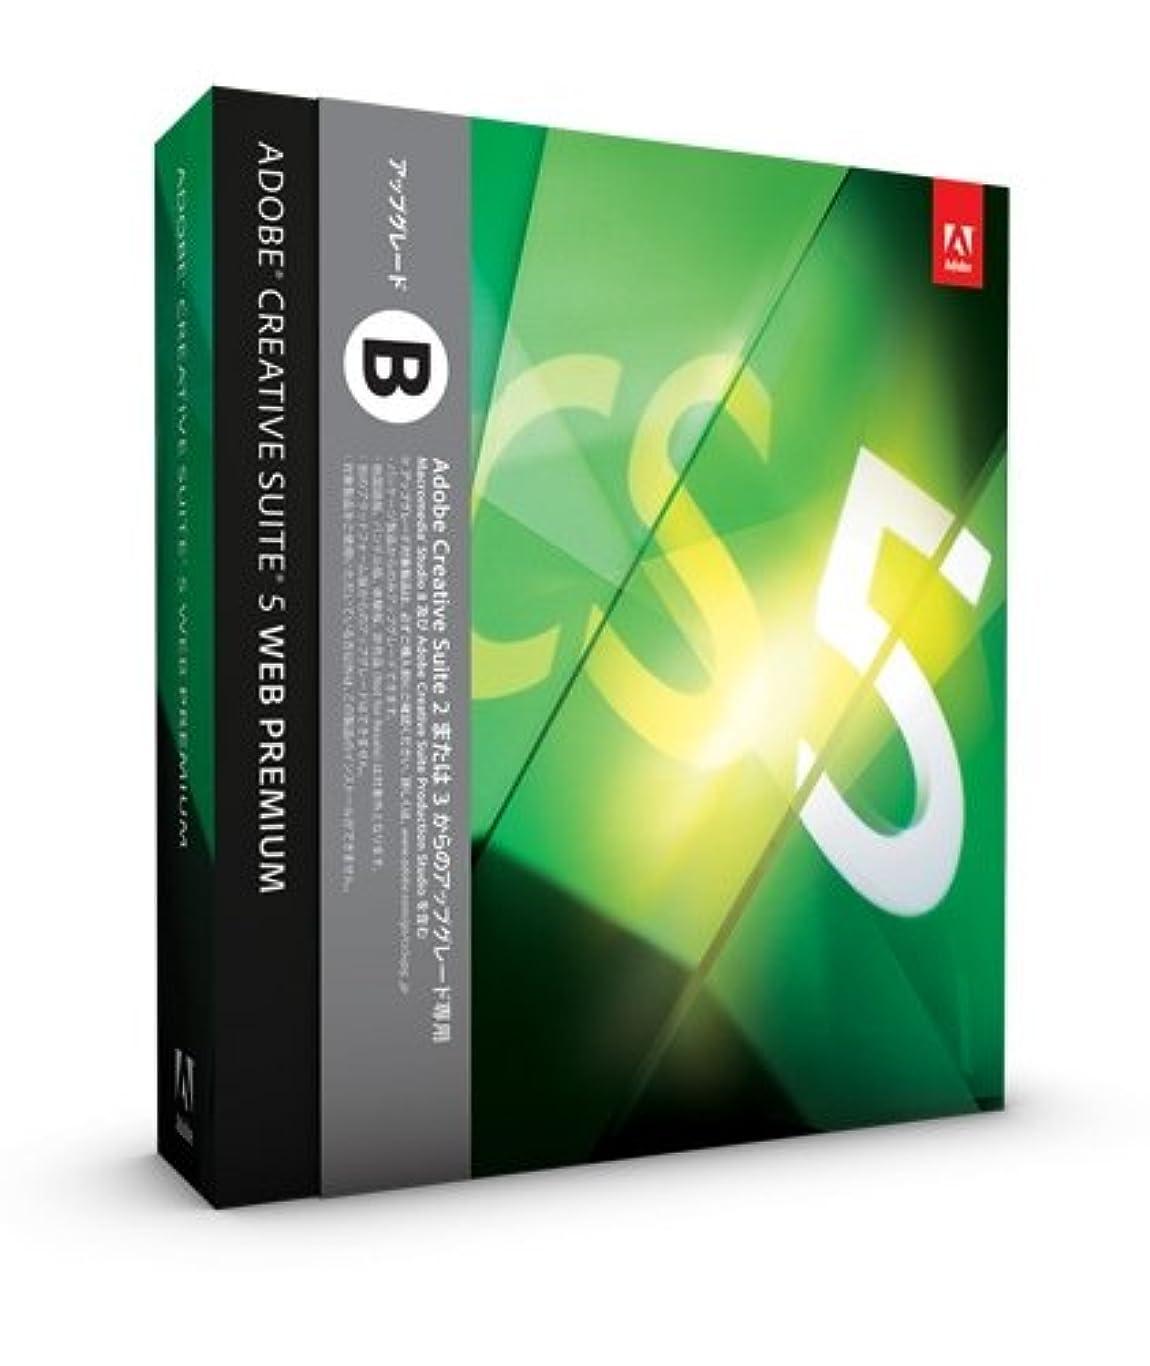 揮発性懲らしめドラッグAdobe Creative Suite 5 Web Premium アップグレード版B Windows版 (旧製品)